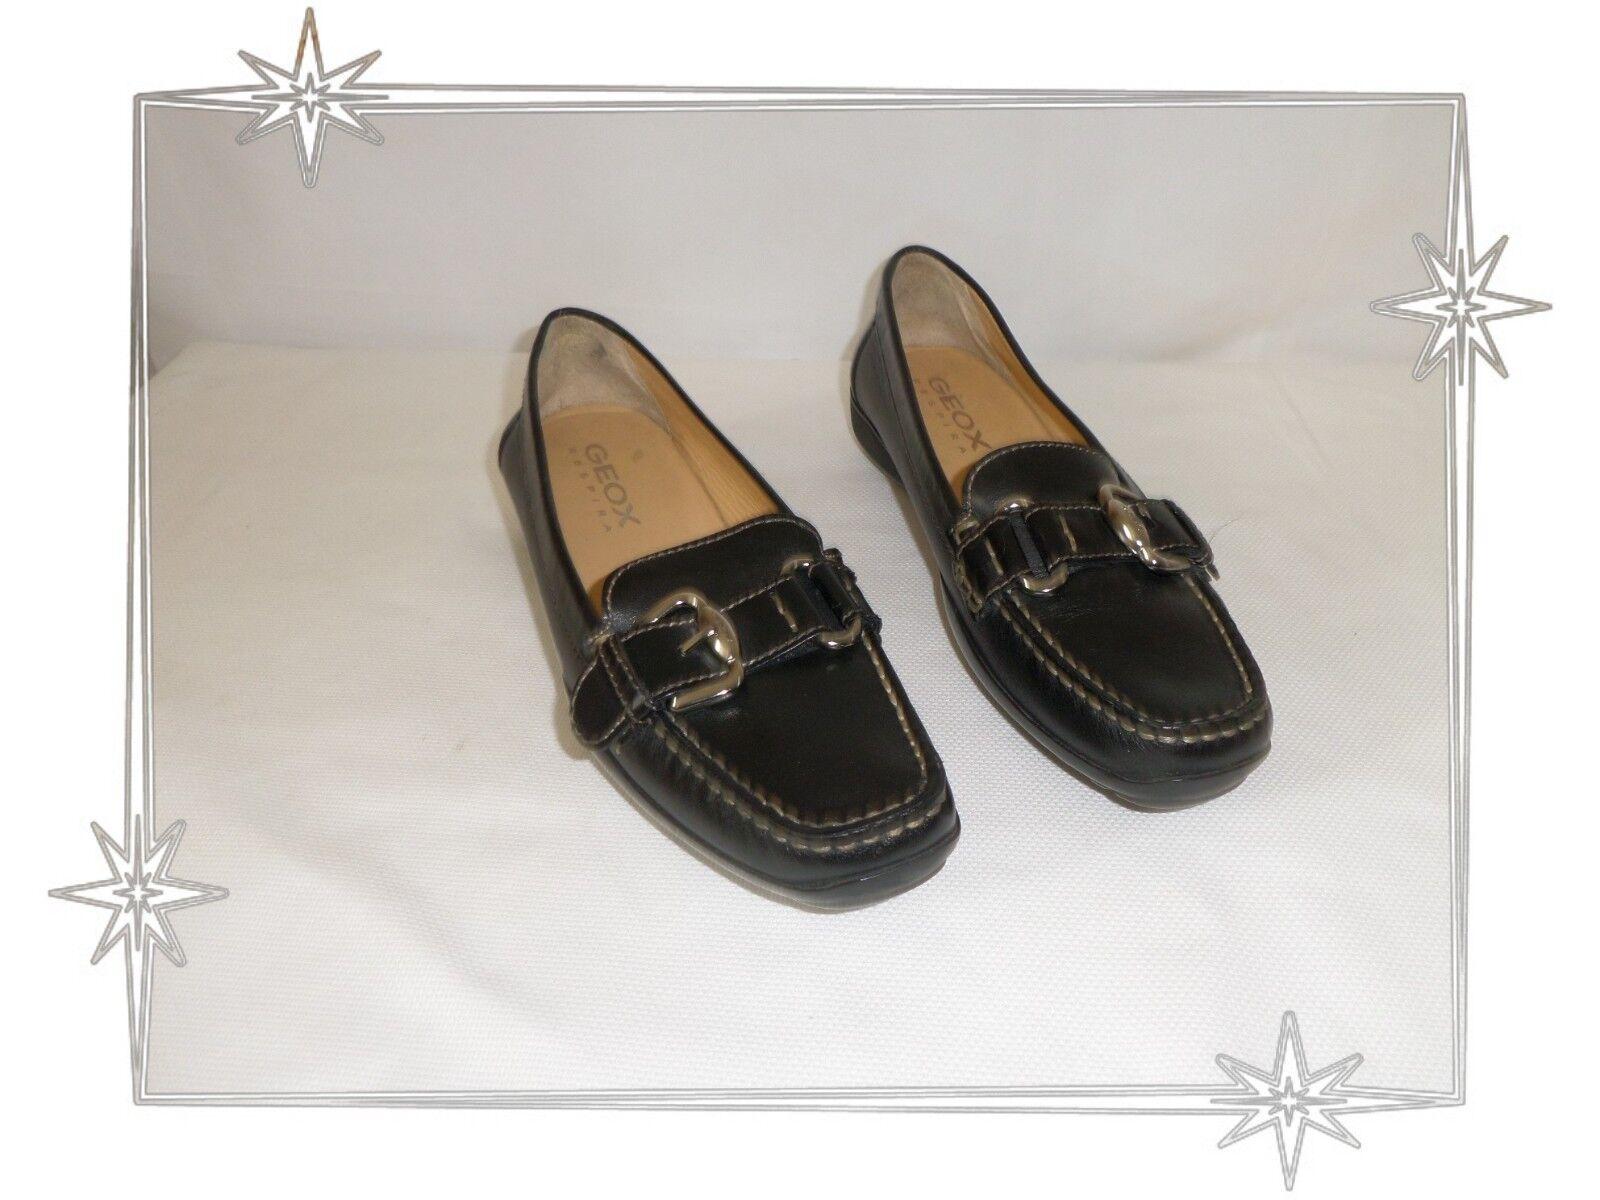 B - Magnifiques shoes Mocassins  black Geox Pointure 38